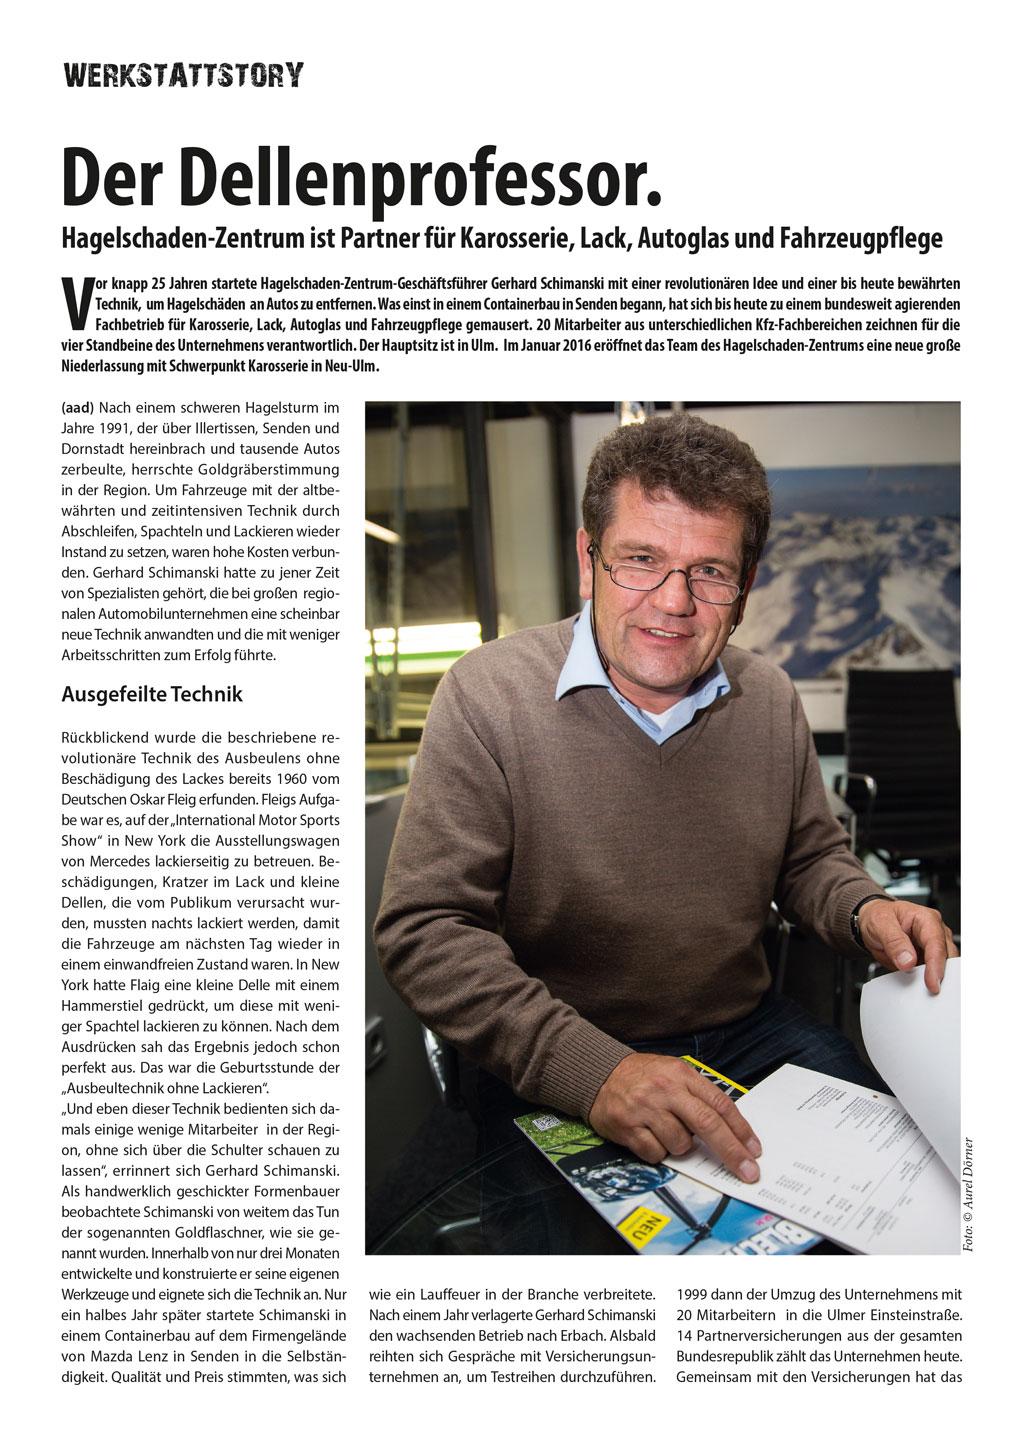 hsz-hagelschaden-zentrum-ulm-gerhard-schimanski-dellen-professor-heilix-blechle-artikel1